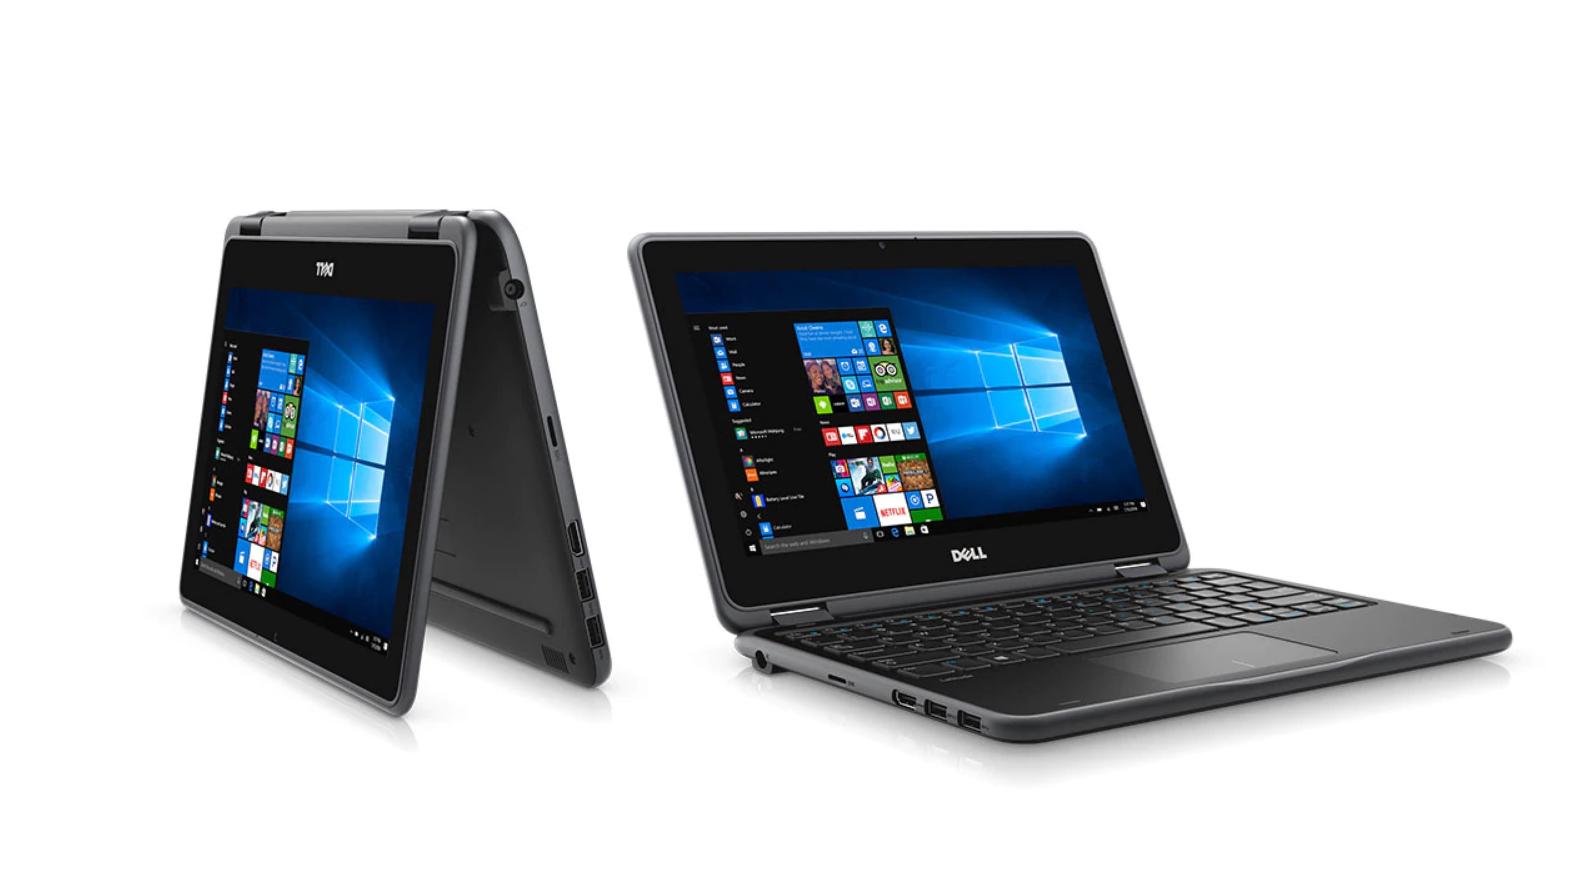 Dell Latitude 3189 jest kolejnym modelem firmy Dell, tym razem stawiającym główny nacisk na walory edukacyjne